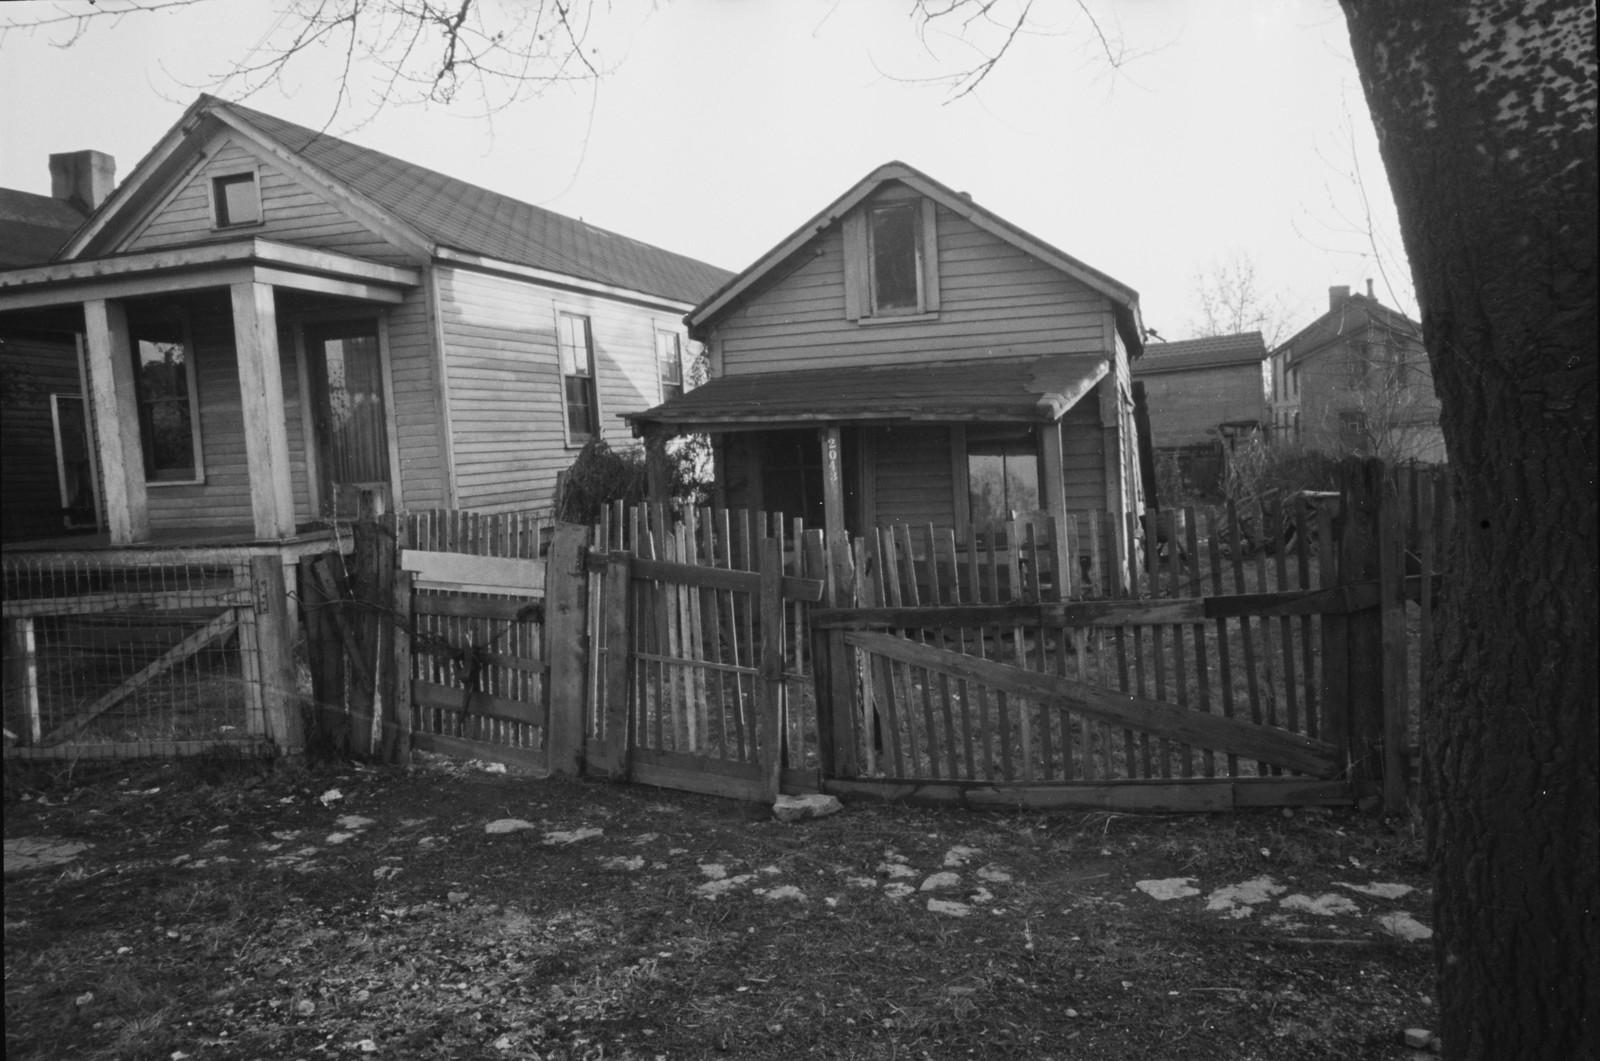 08. Дом, типичный для округа Гамильтон, Огайо